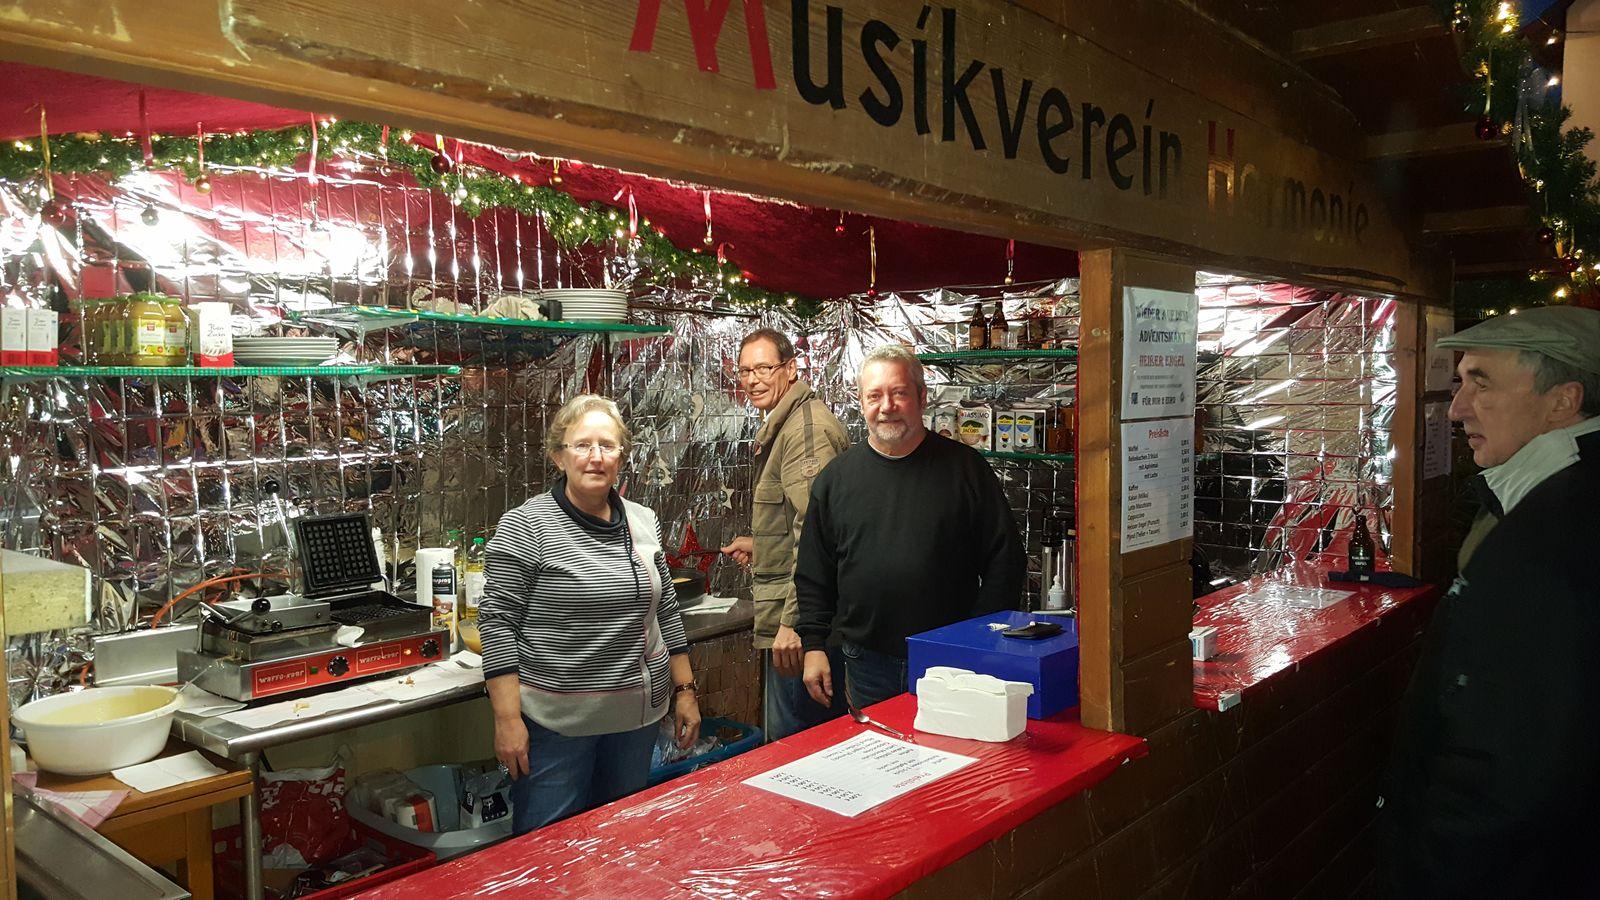 Das Team von Musikverein Otterberg